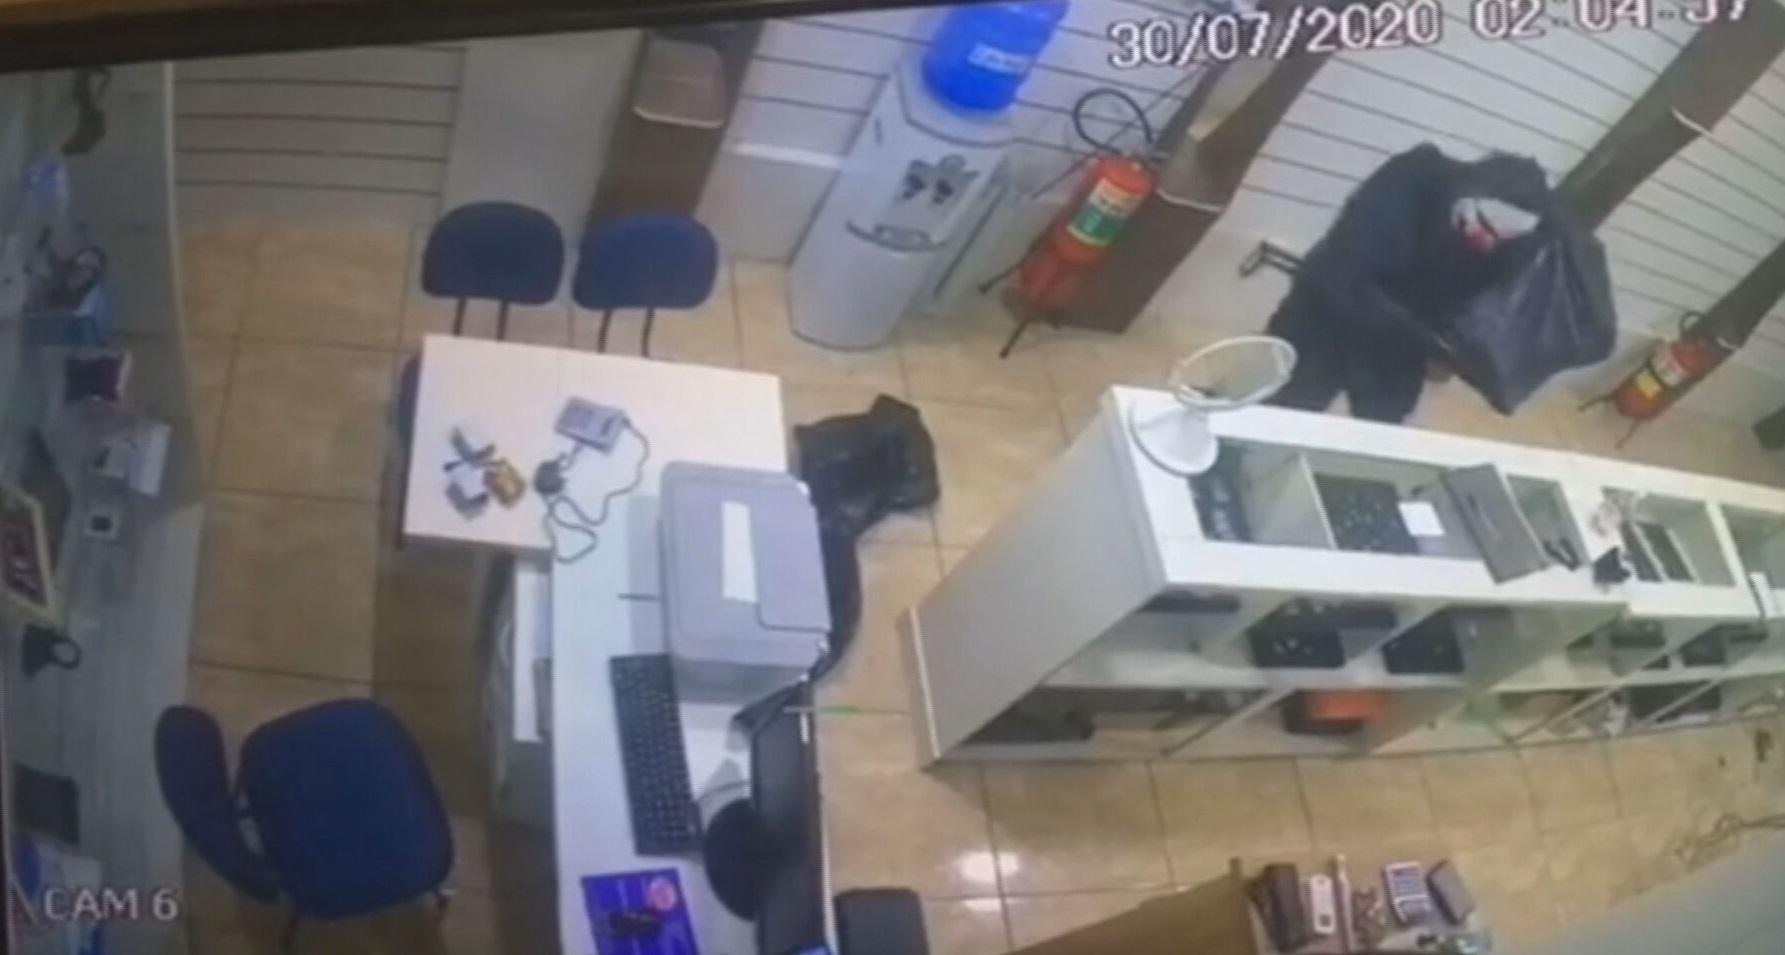 Imagem de câmera de segurança mostra criminoso mascarado durante assalto